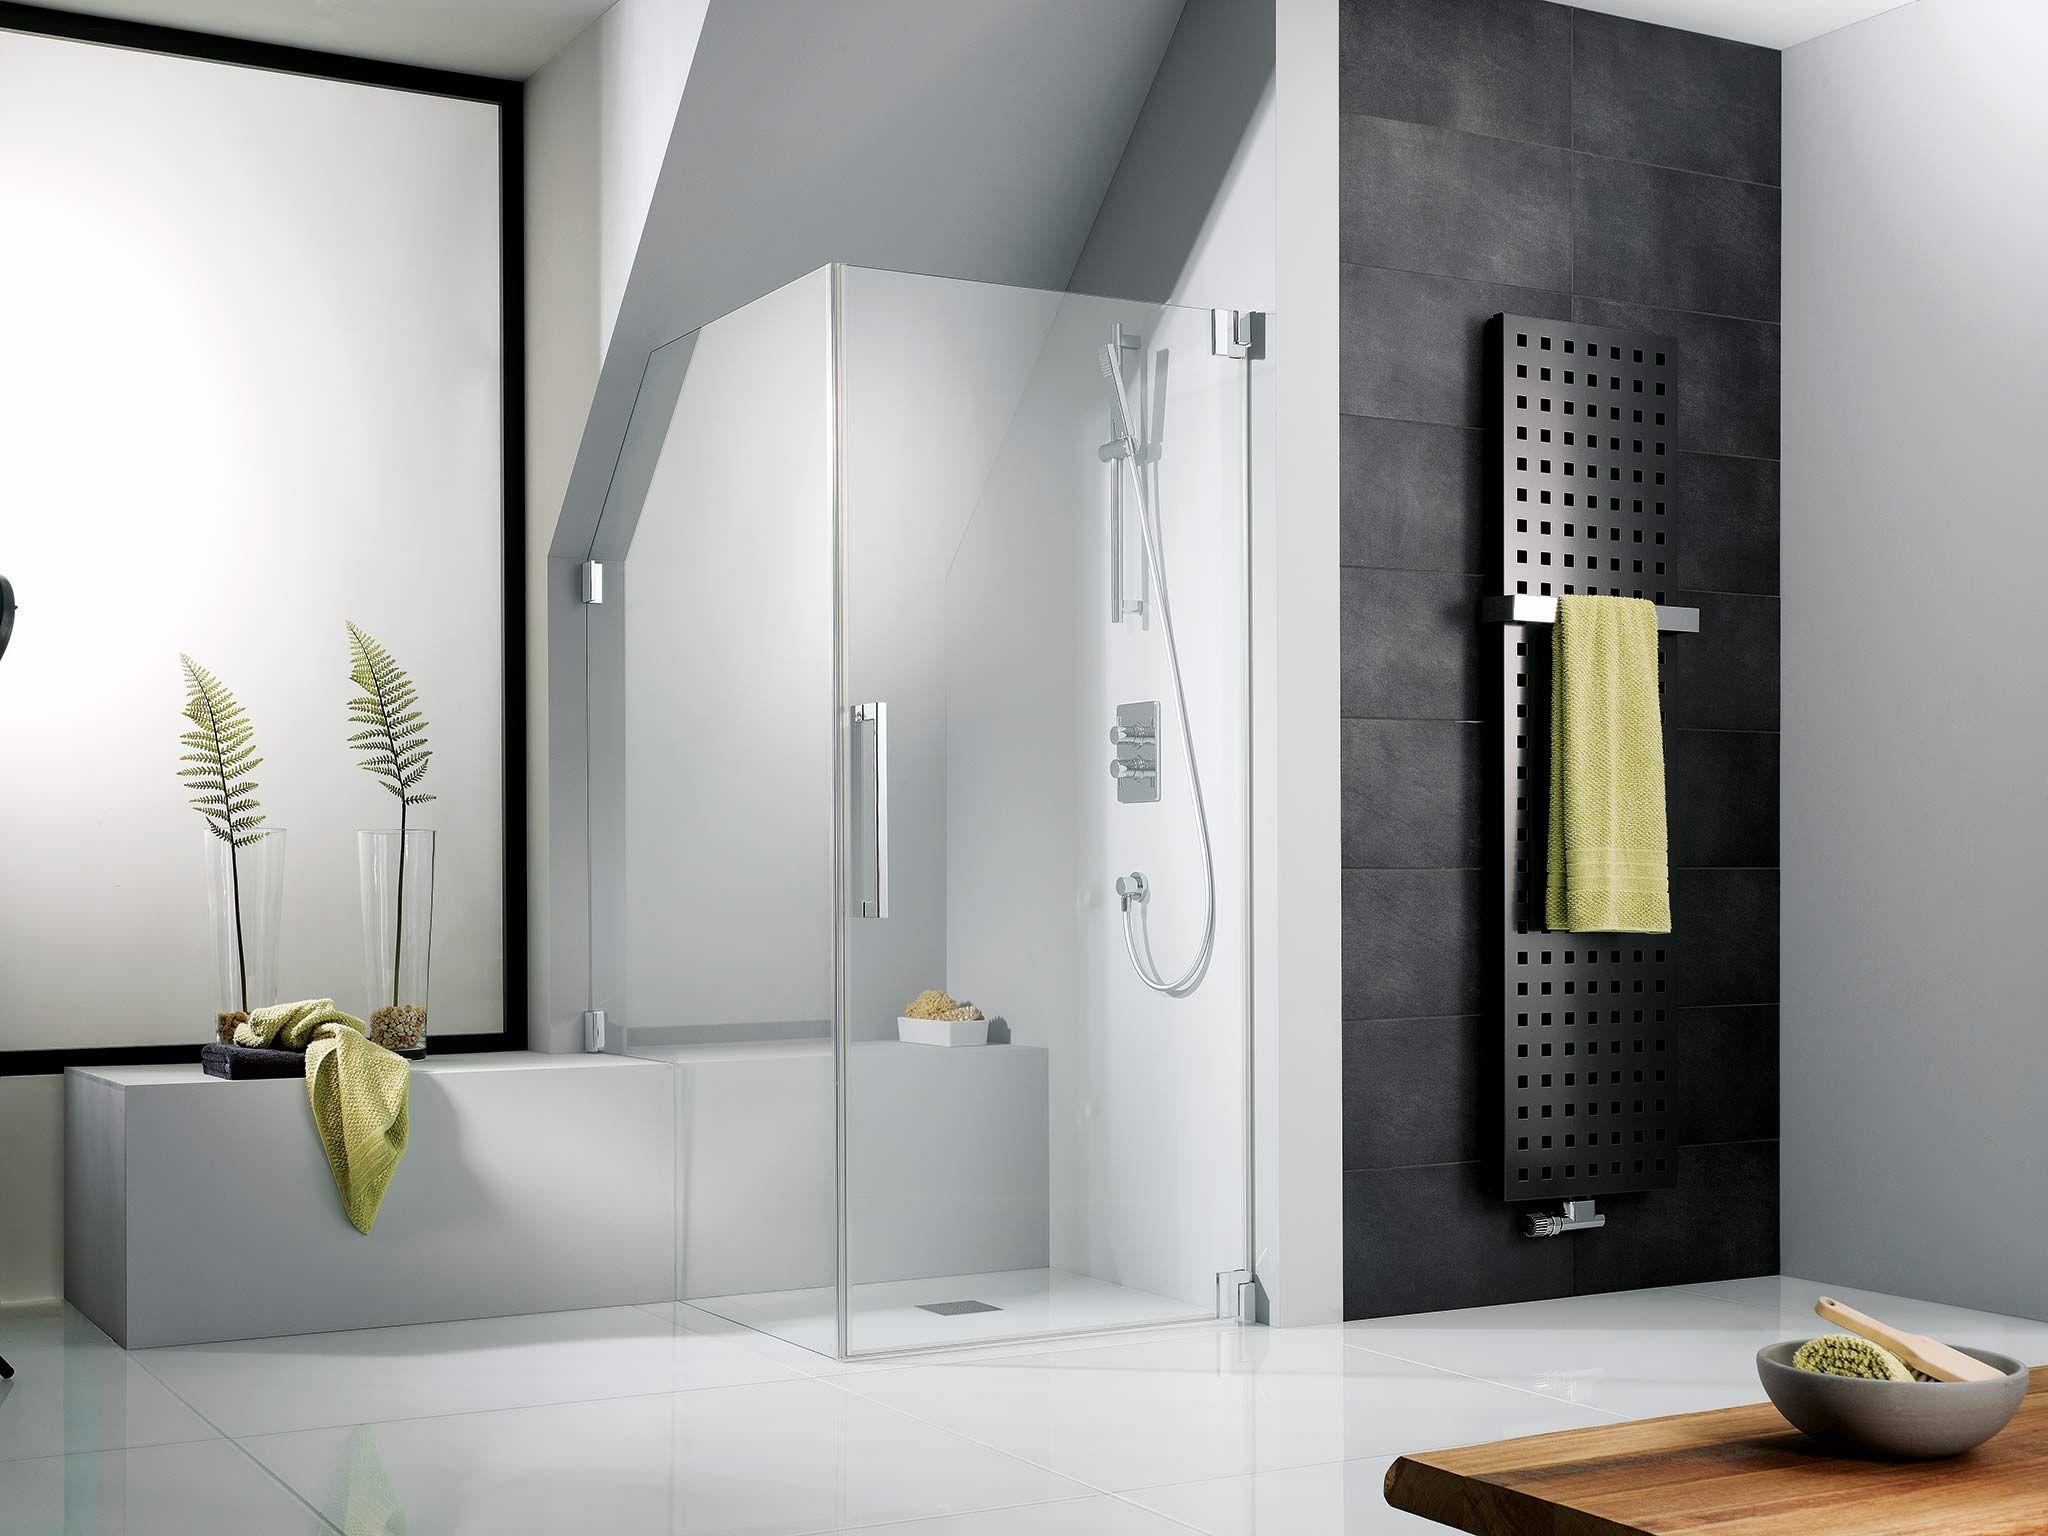 Duschkabine Glas Hsk Kreiert Edle Duschen Aus Echtglas Mit Bildern Duschkabine Duschkabine Glas Strand Badezimmer